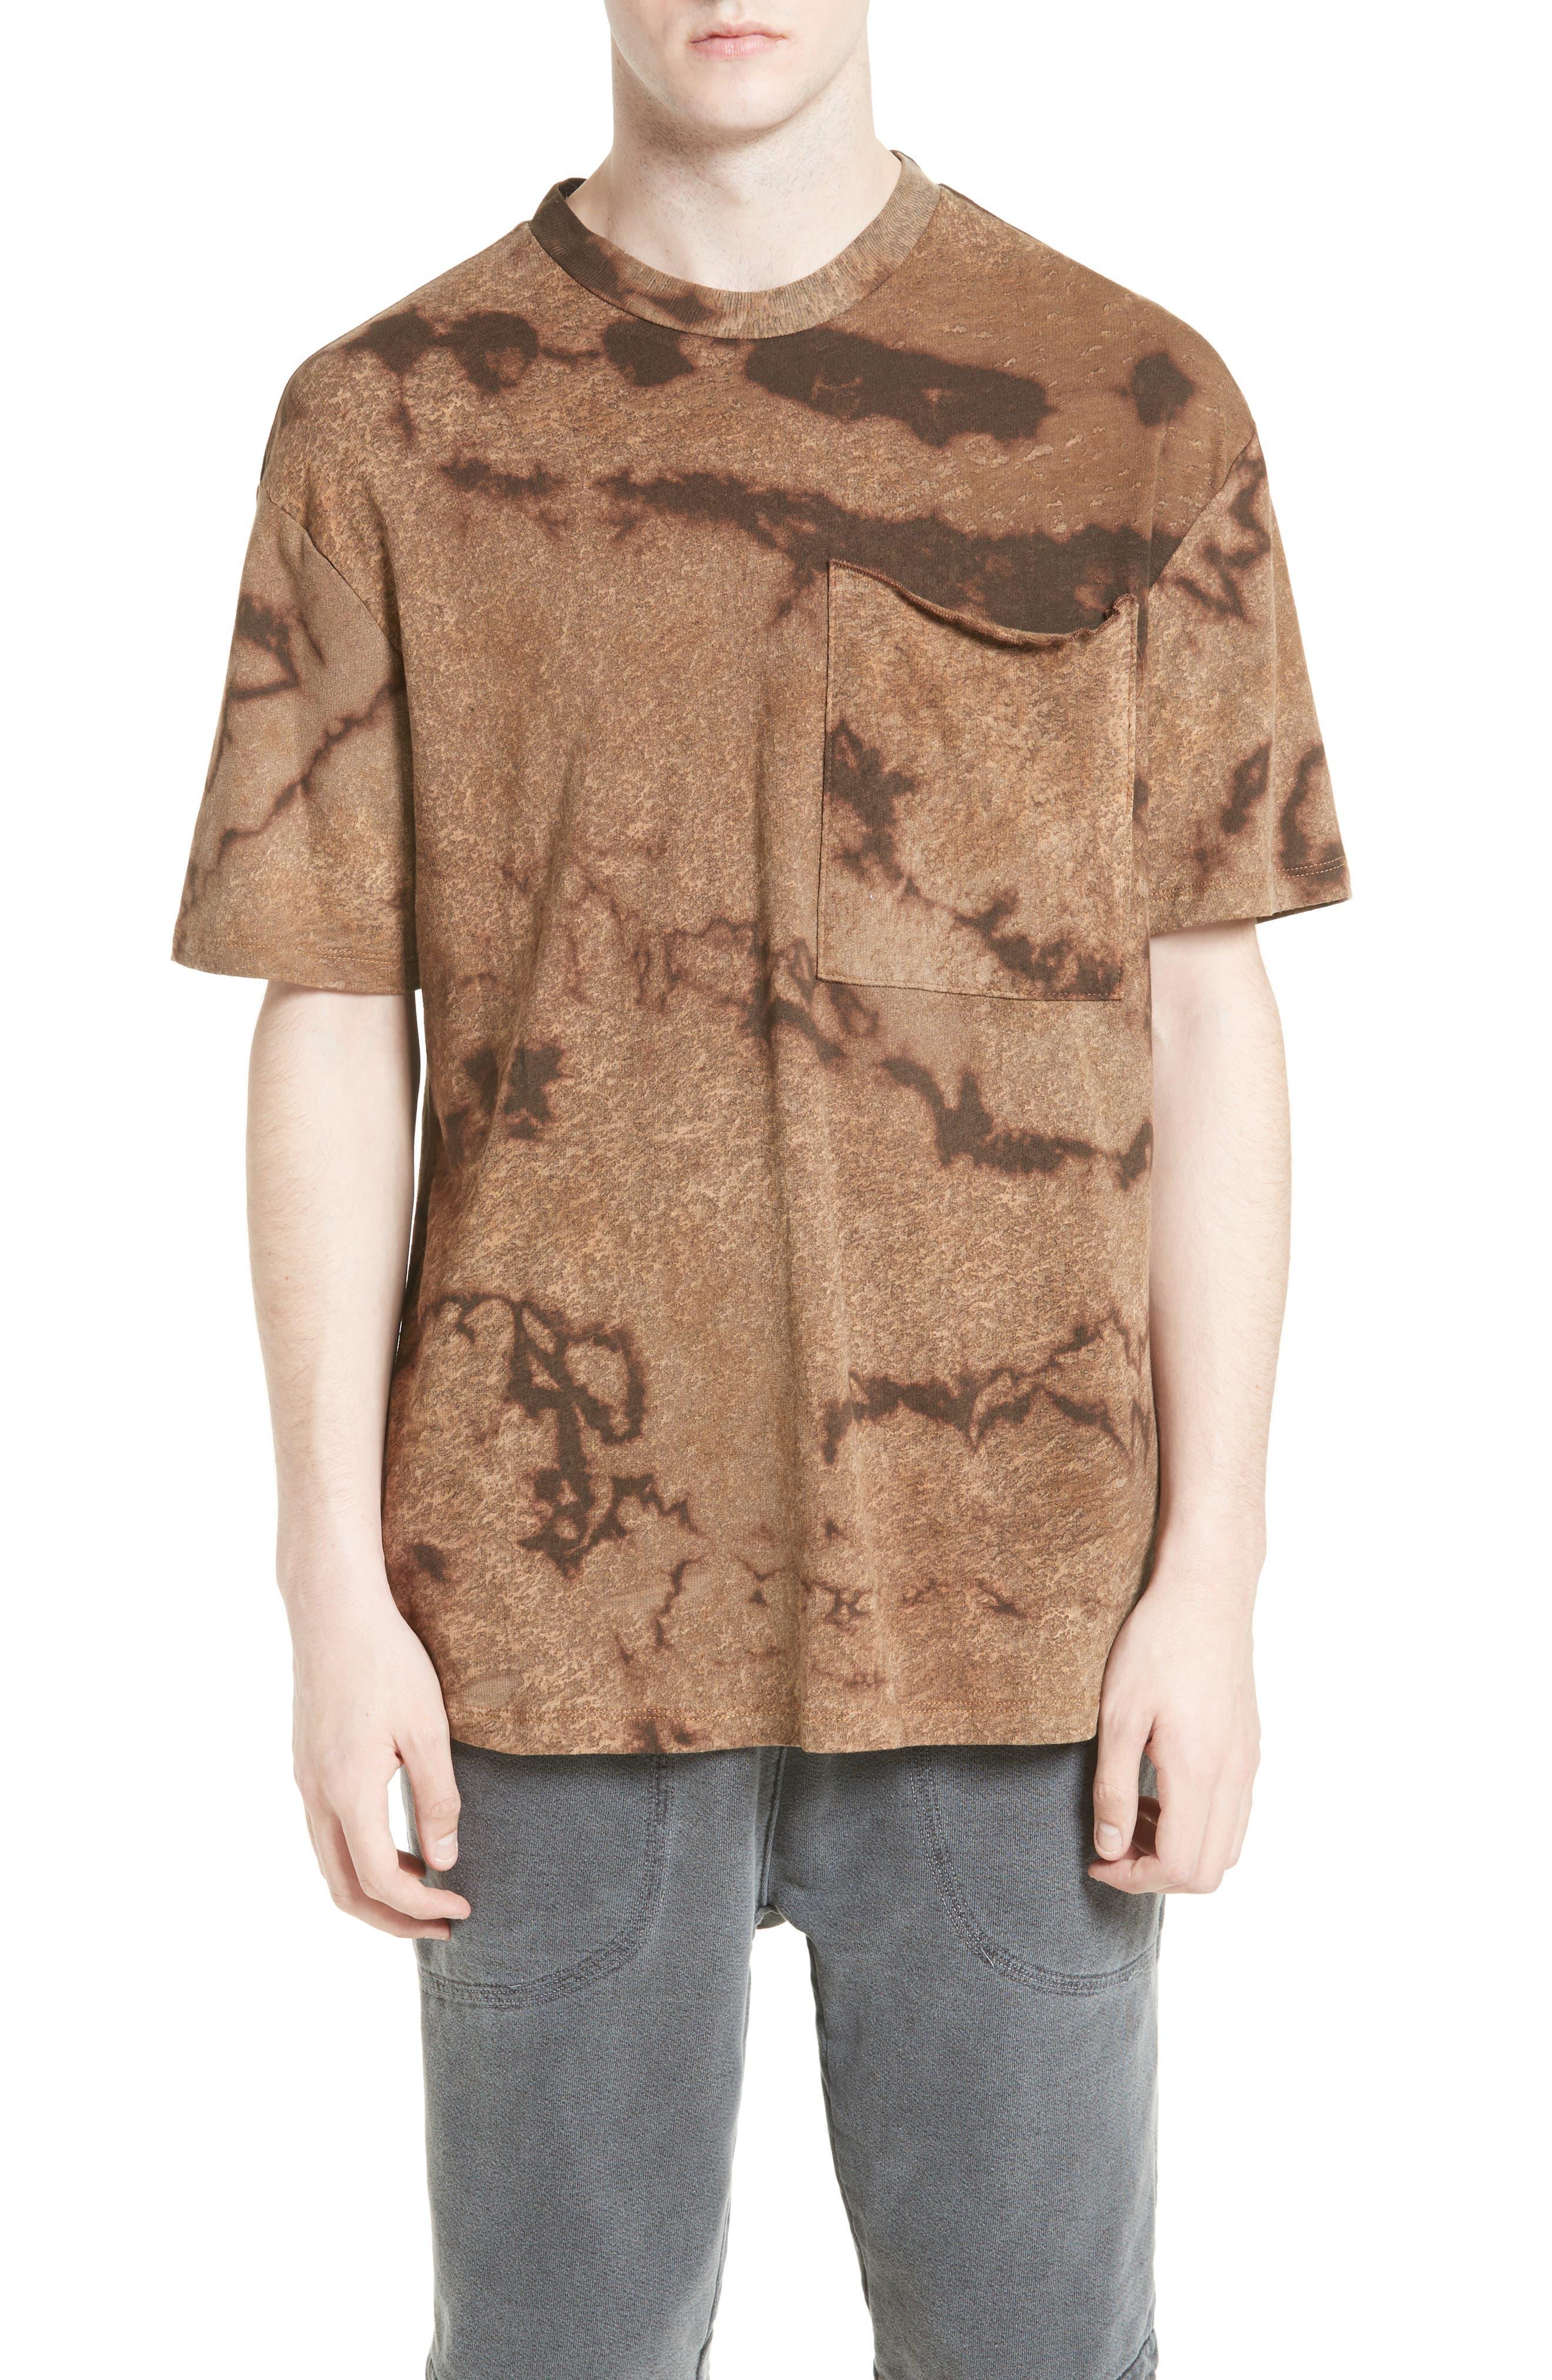 Drifter Granite Tie Dye Linen Blend T-Shirt